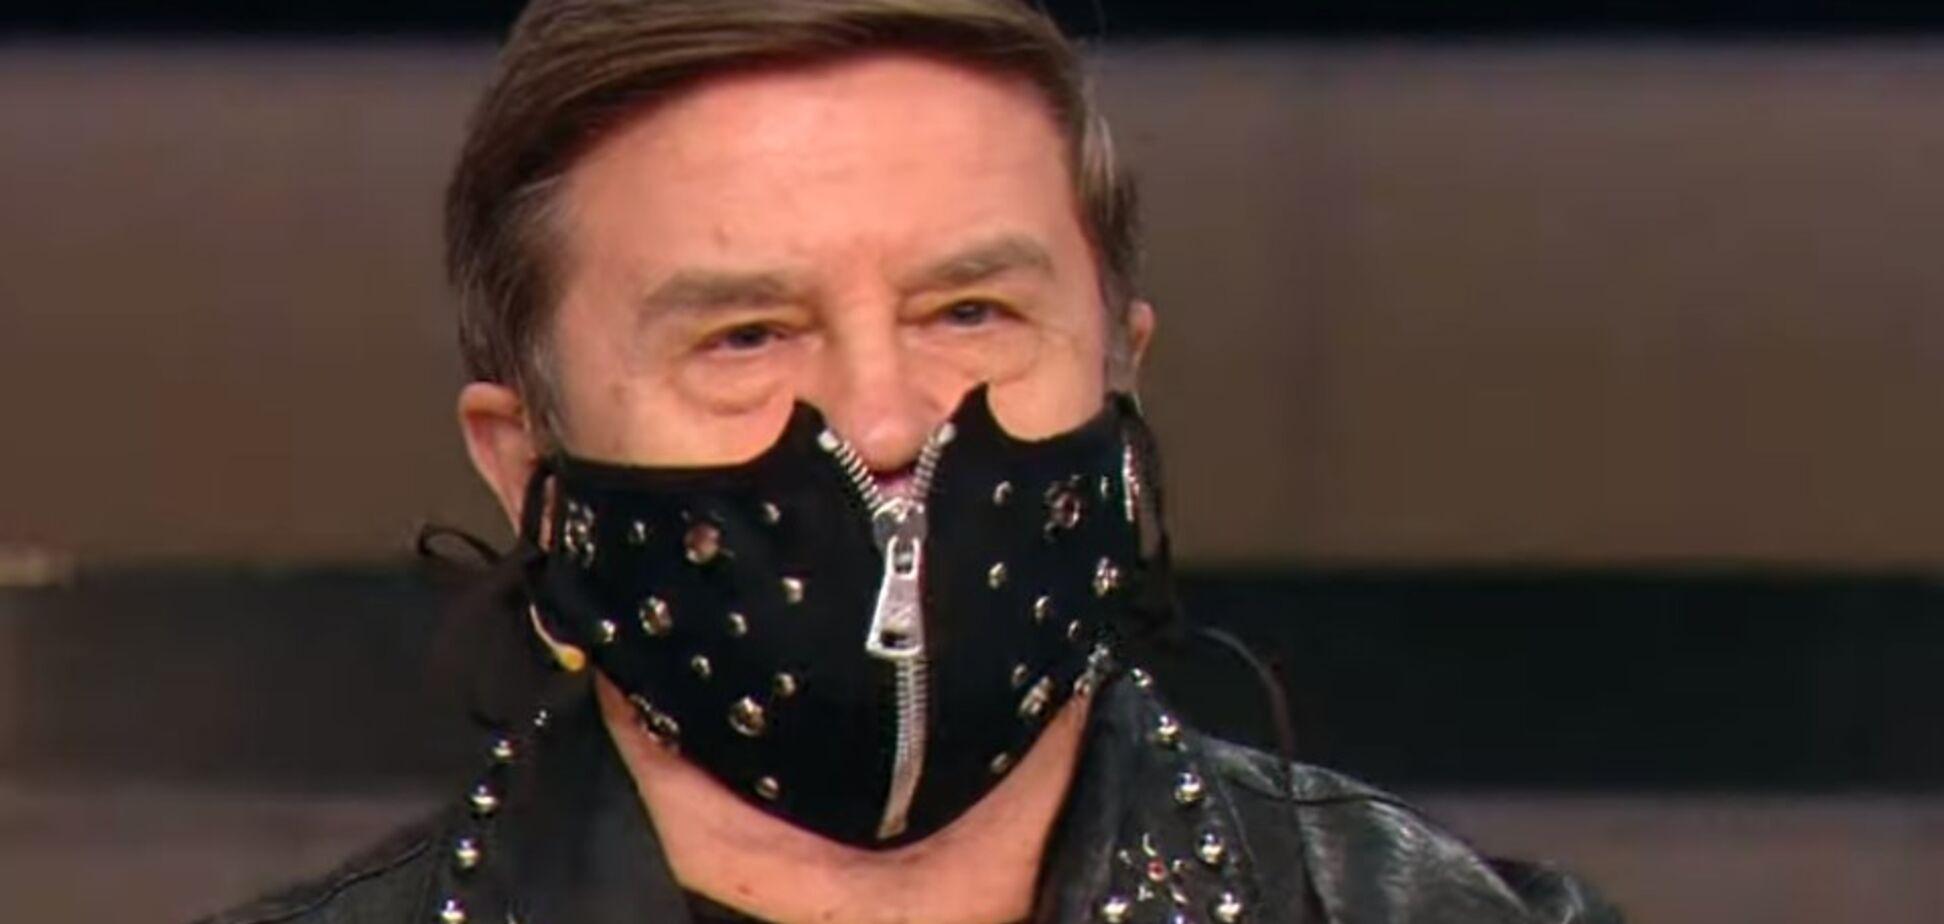 Політолога Вадима Карасьова висміяли за шкіряну маску в ефірі: фото і відео наряду